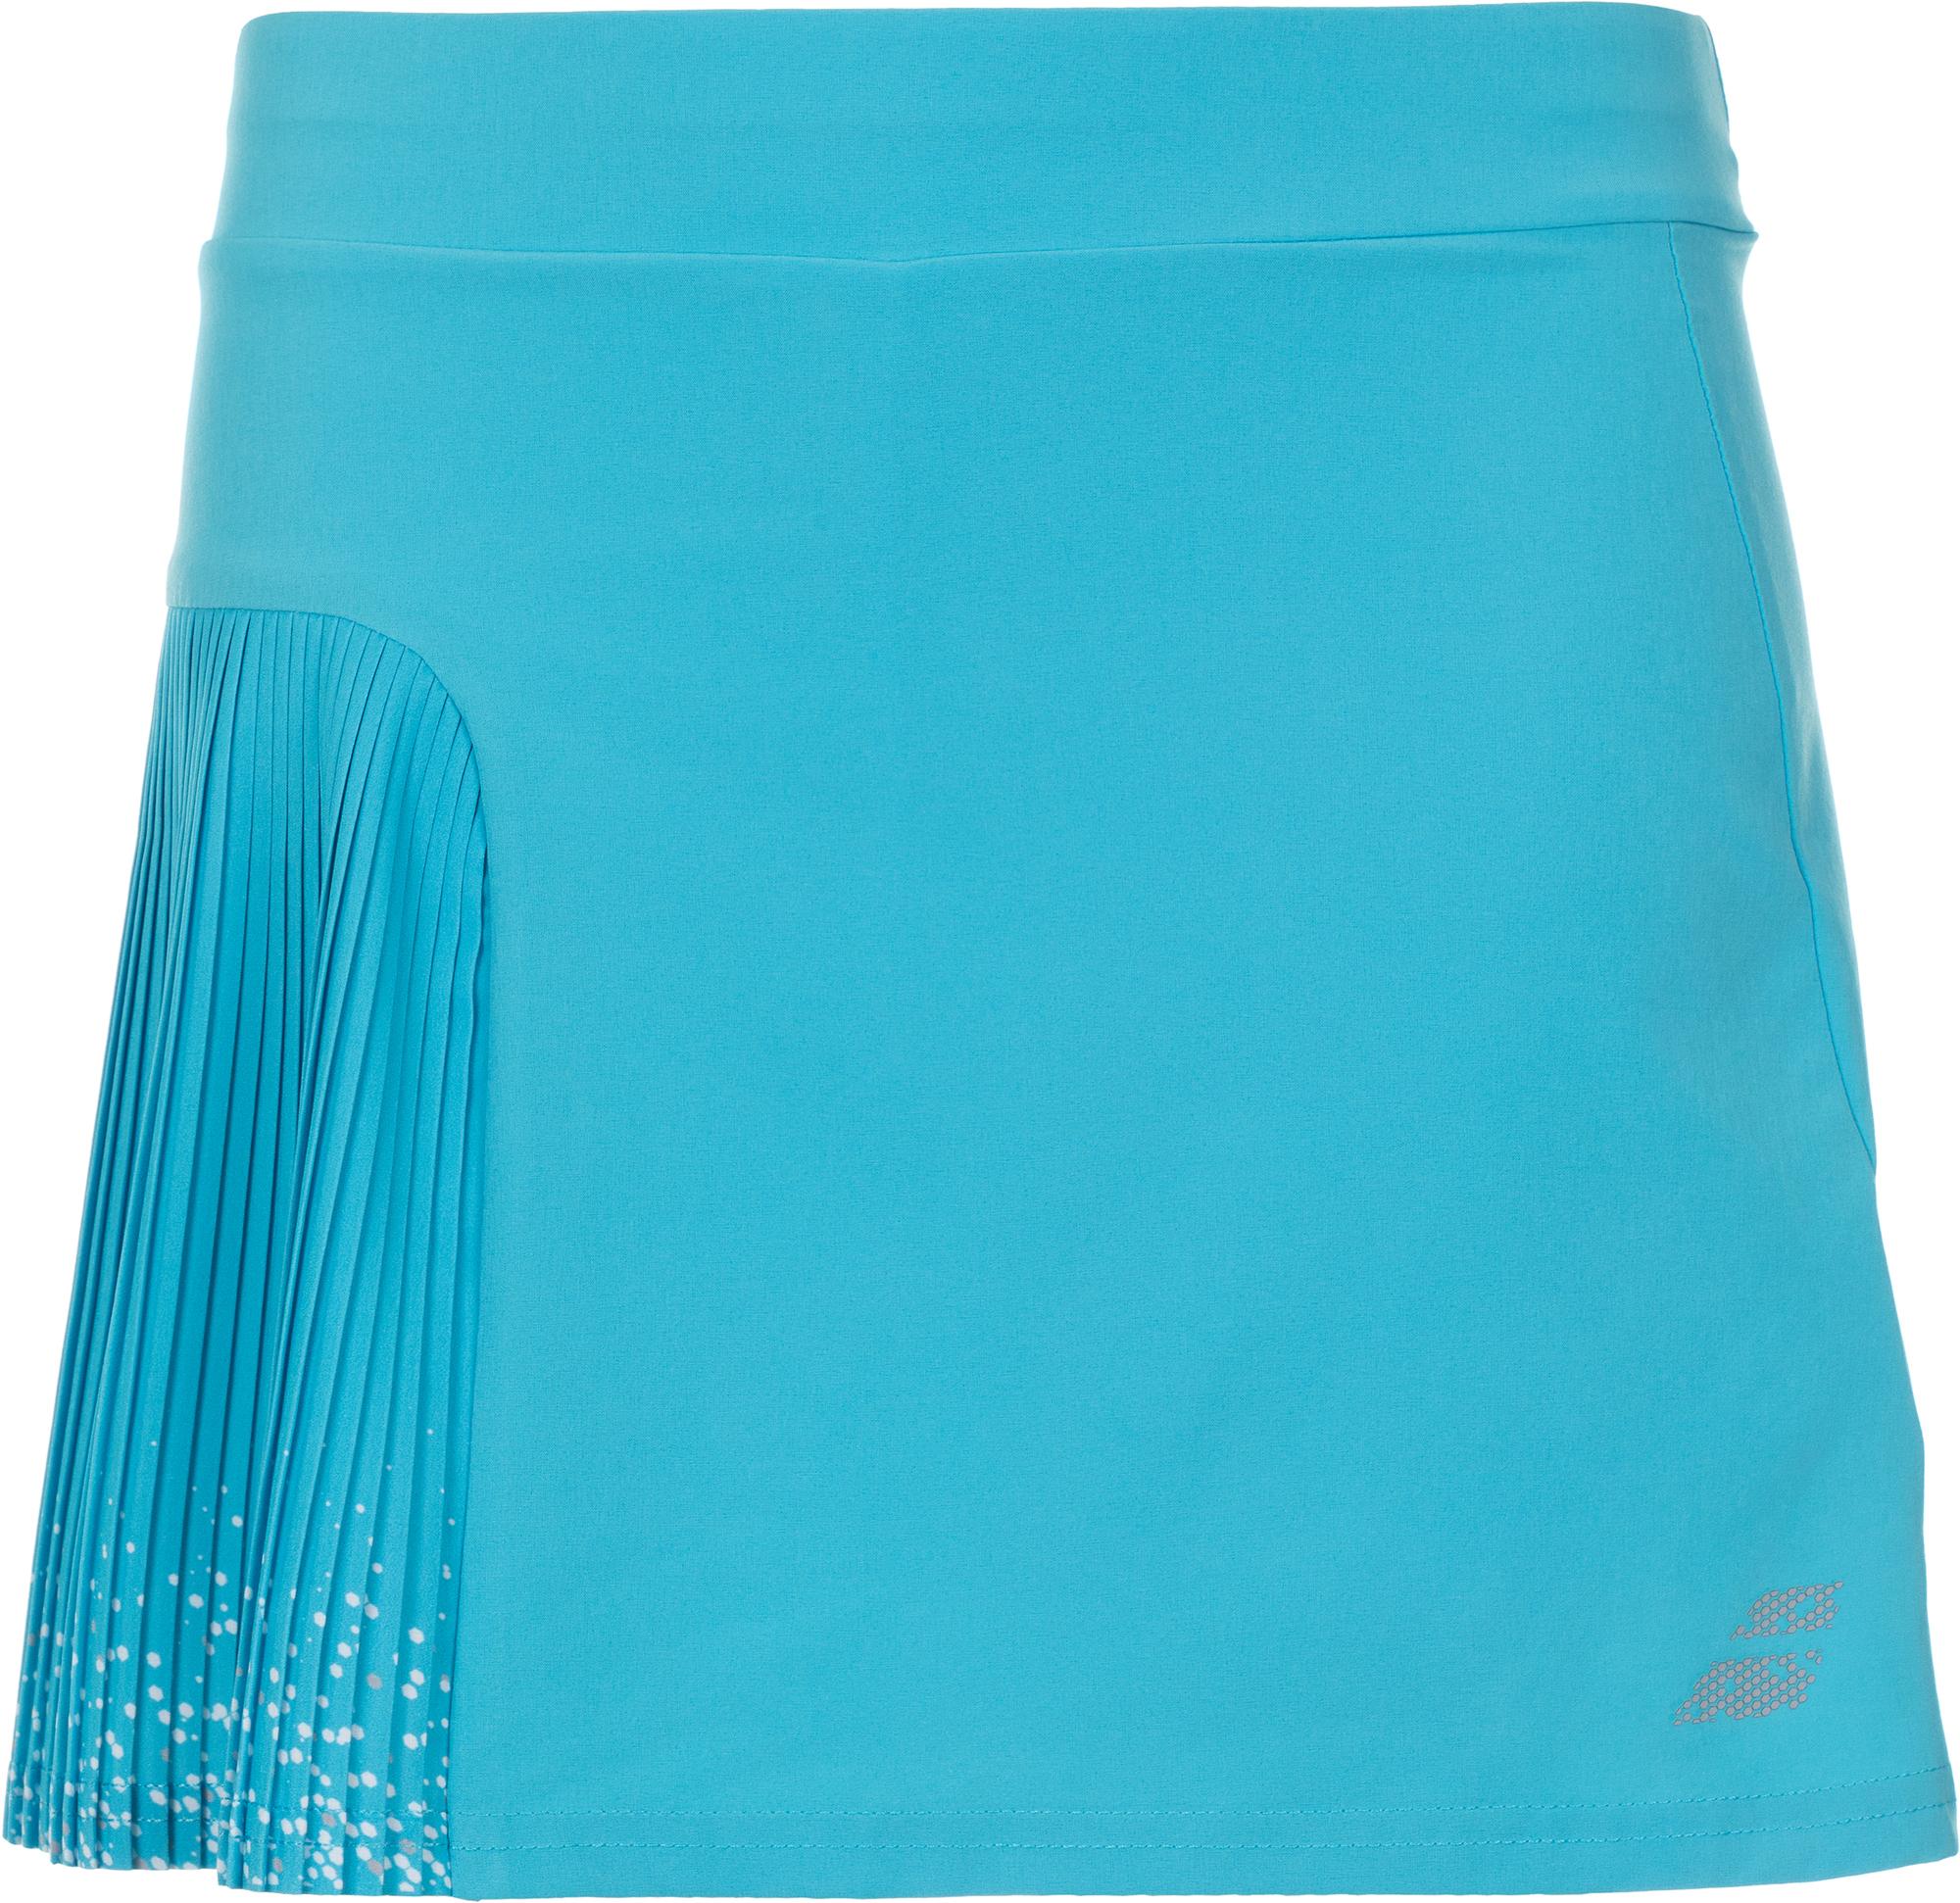 Babolat Юбка-шорты для девочек Babolat Perf, размер 152-164